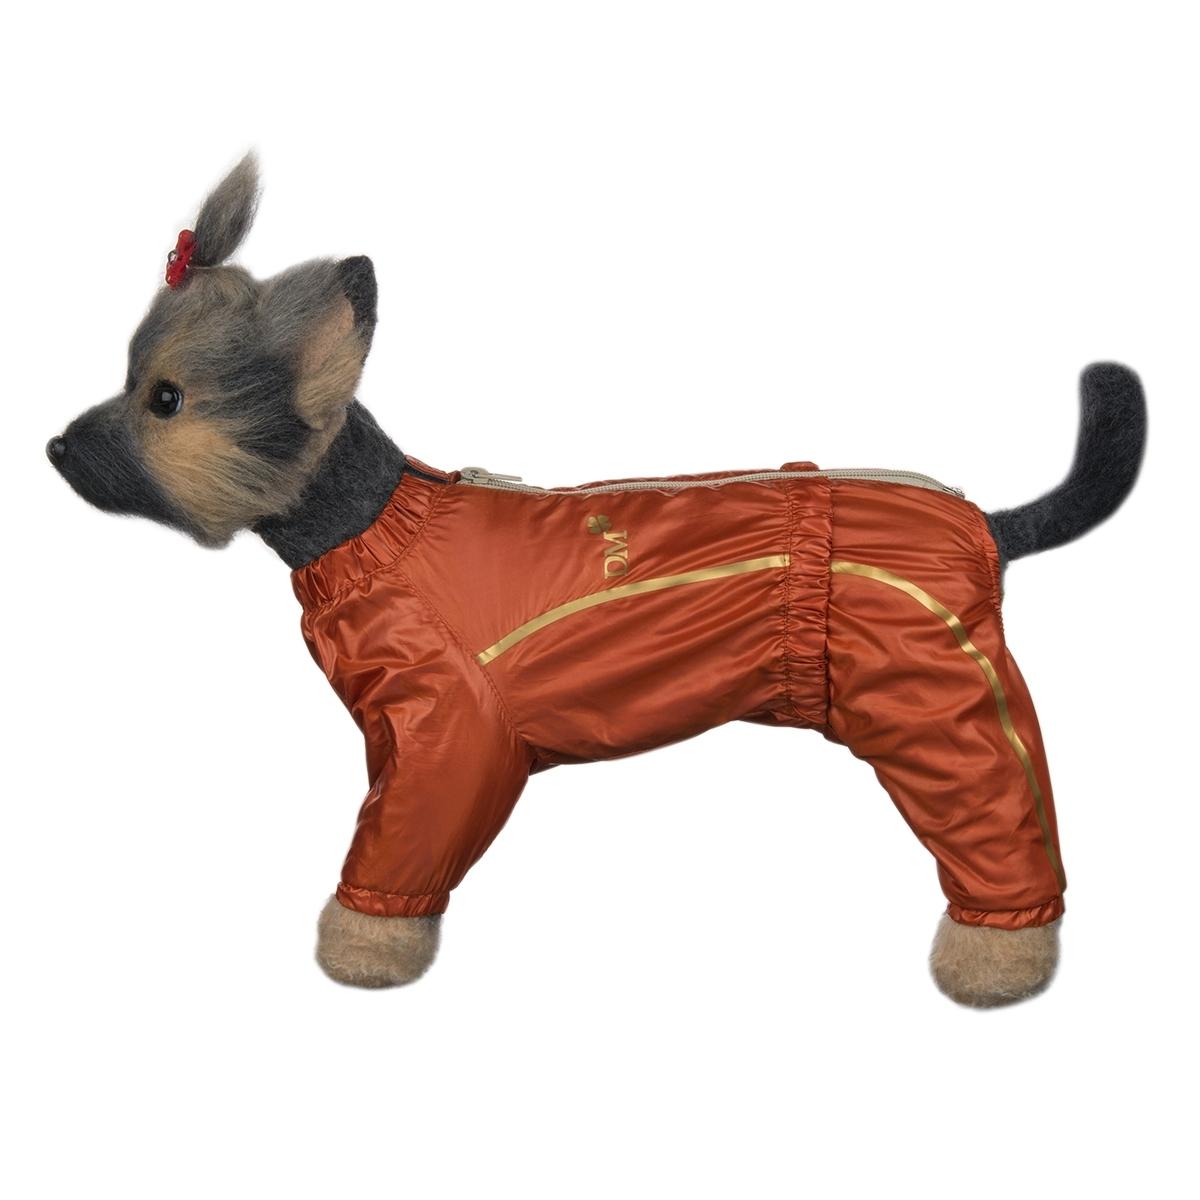 Комбинезон для собак Dogmoda Альпы, для девочки, цвет: оранжевый. Размер 2 (М)DM-160100-2_оранжКомбинезон для собак Dogmoda Альпы отлично подойдет для прогулок поздней осенью или ранней весной.Комбинезон изготовлен из полиэстера, защищающего от ветра и осадков, с подкладкой из флиса, которая сохранит тепло и обеспечит отличный воздухообмен.Комбинезон застегивается на молнию и липучку, благодаря чему его легко надевать и снимать. Ворот, низ рукавов и брючин оснащены внутренними резинками, которые мягко обхватывают шею и лапки, не позволяя просачиваться холодному воздуху. На пояснице имеется внутренняя резинка. Изделие декорировано золотистыми полосками и надписью DM.Благодаря такому комбинезону простуда не грозит вашему питомцу и он не даст любимцу продрогнуть на прогулке.Длина по спинке: 24 см.Объем груди: 39 см.Обхват шеи: 25 см.